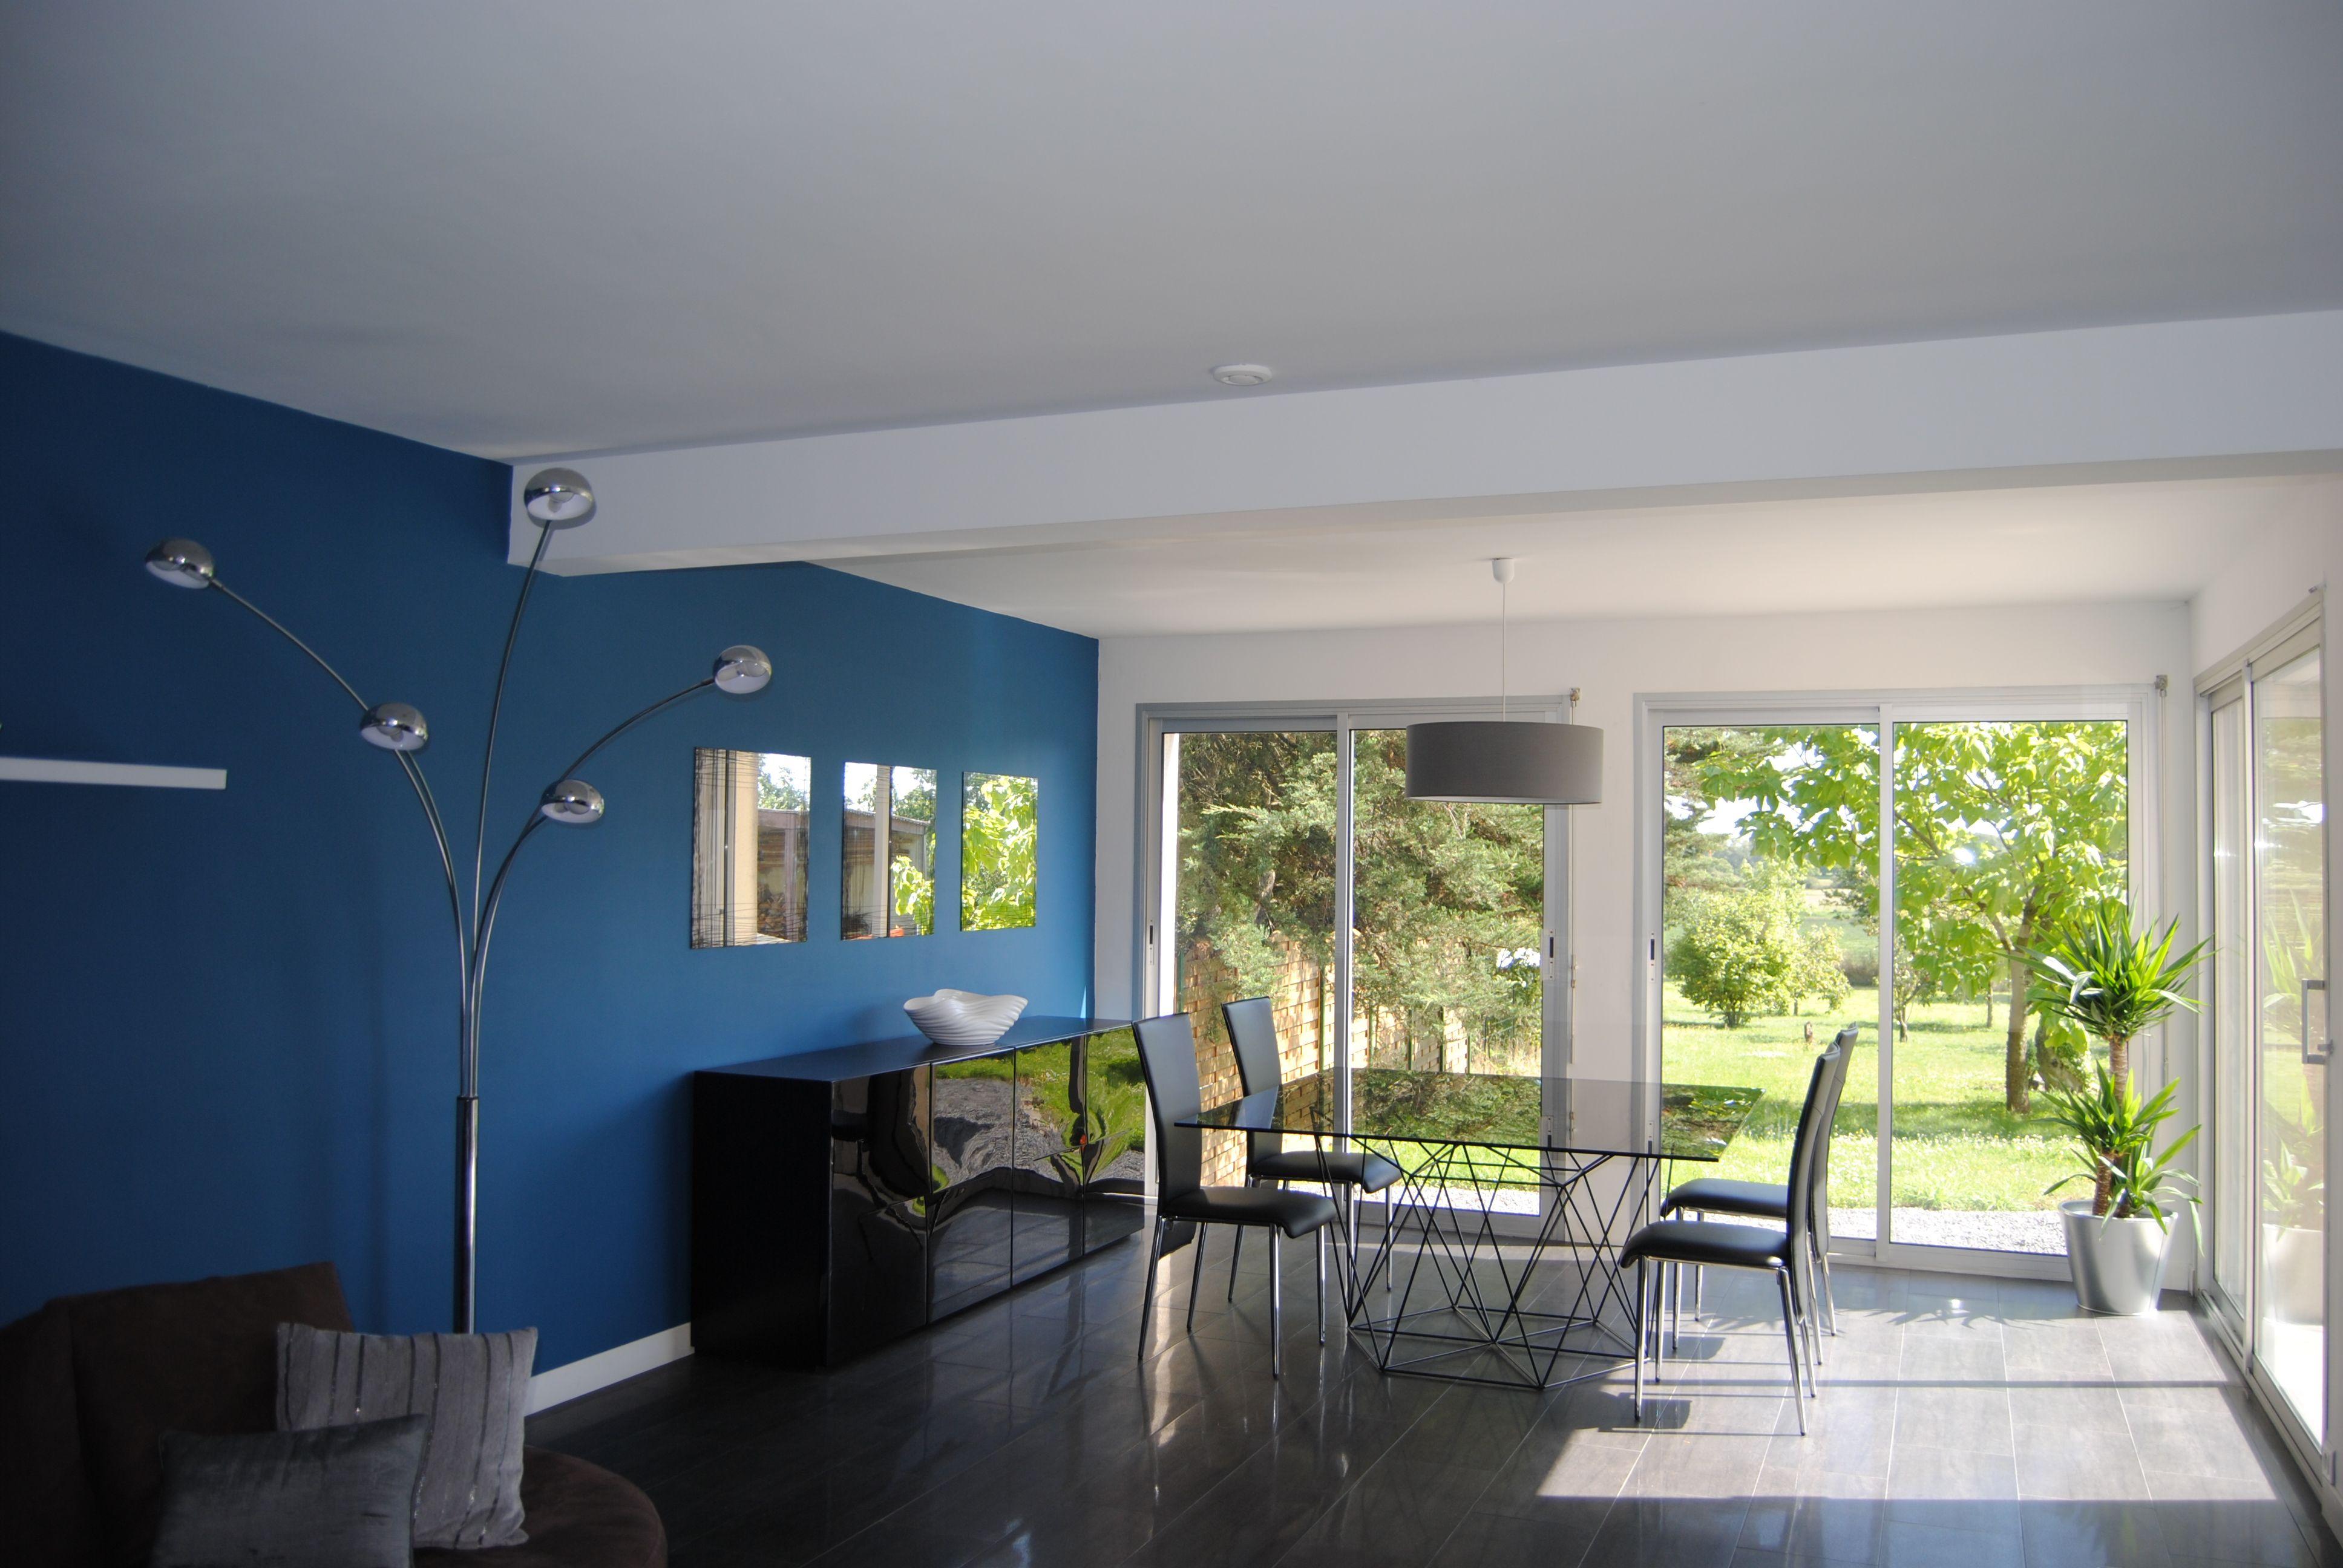 Mobile partie salle manger 3872 2592 pi ce - Salle couleur peinture noisette et blanc ...